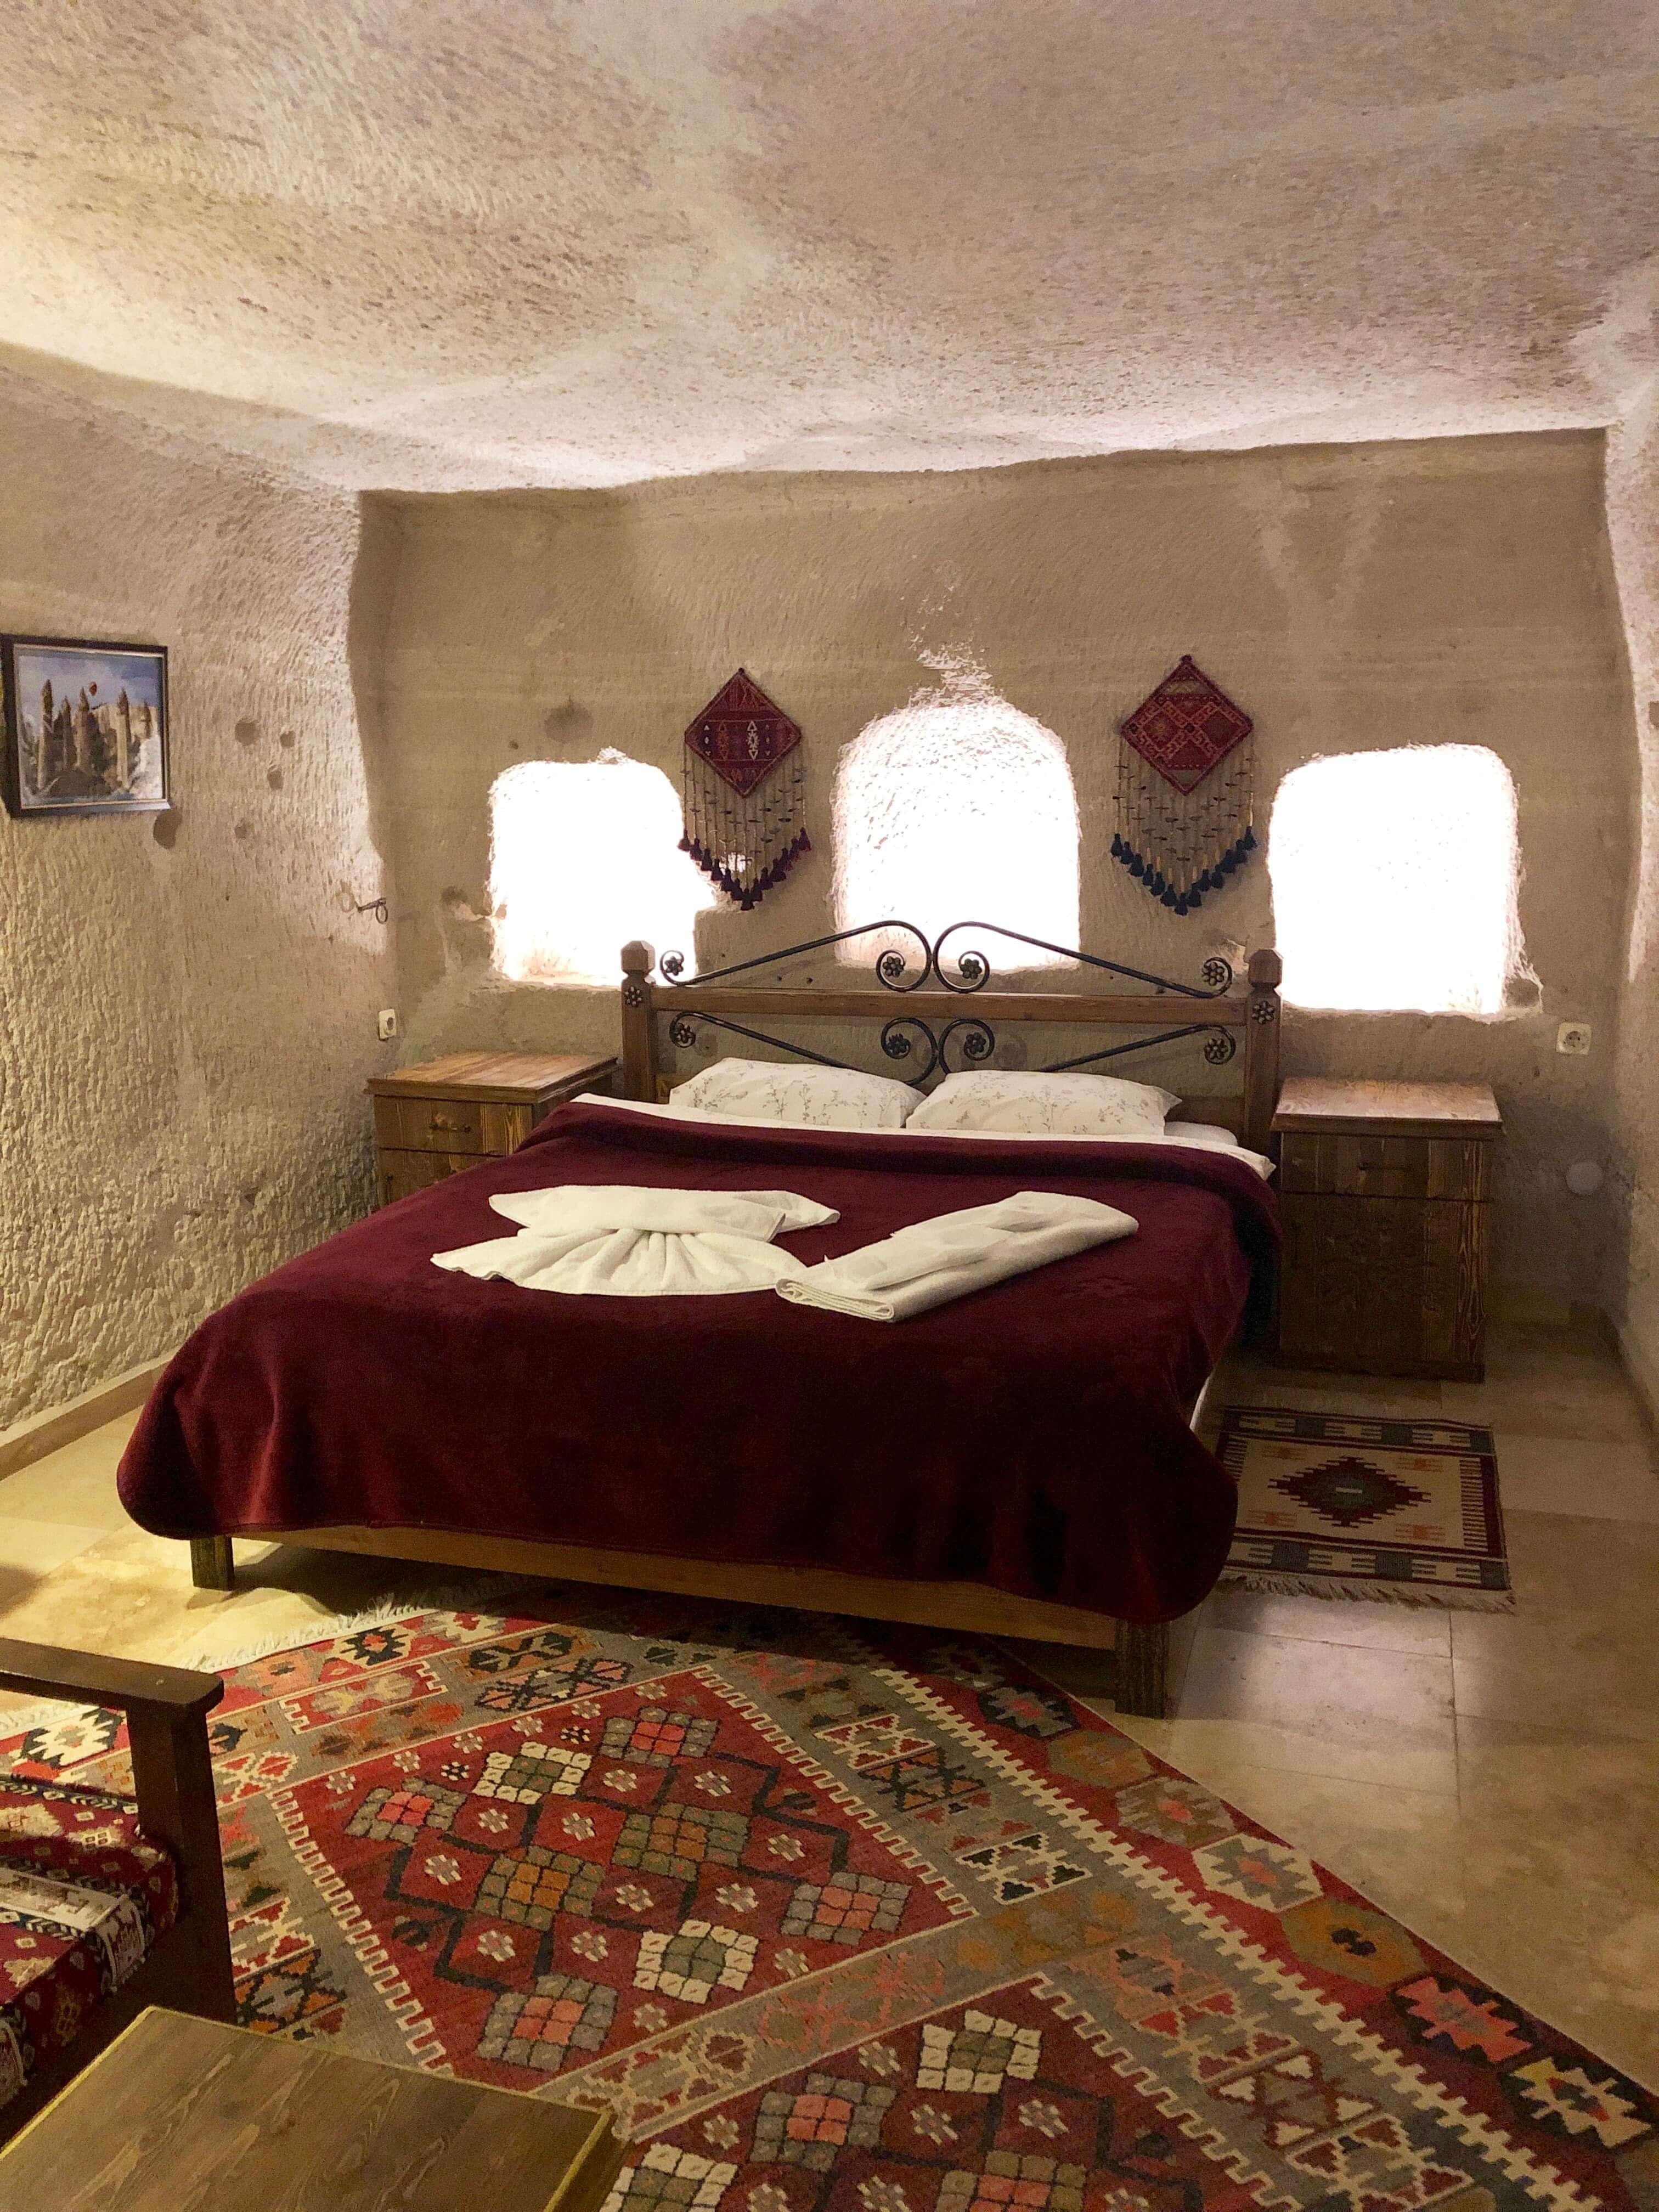 cave hotel room in Cappadocia